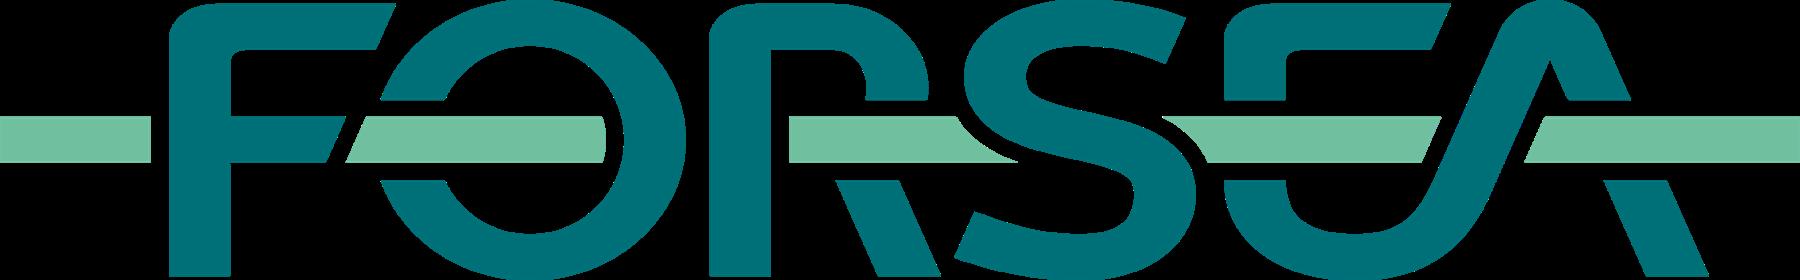 267 ForSea Logotype RGB pos